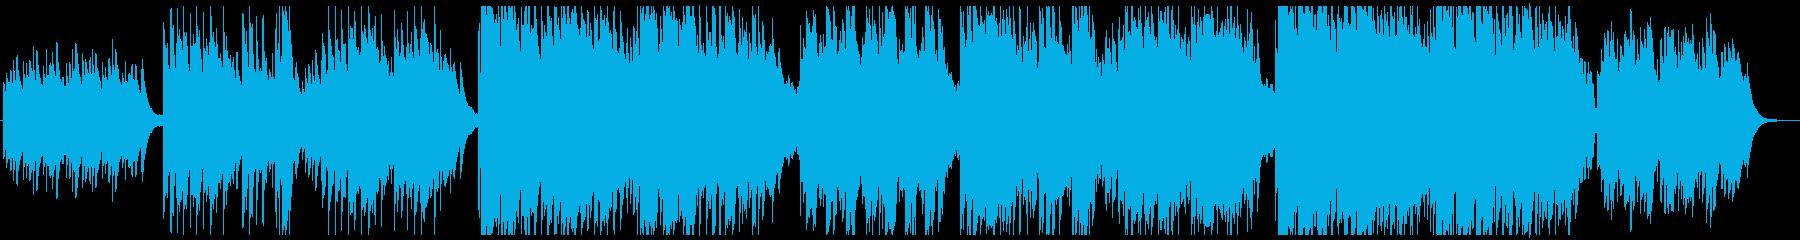 琴と尺八とピアノのせつない和風の曲の再生済みの波形